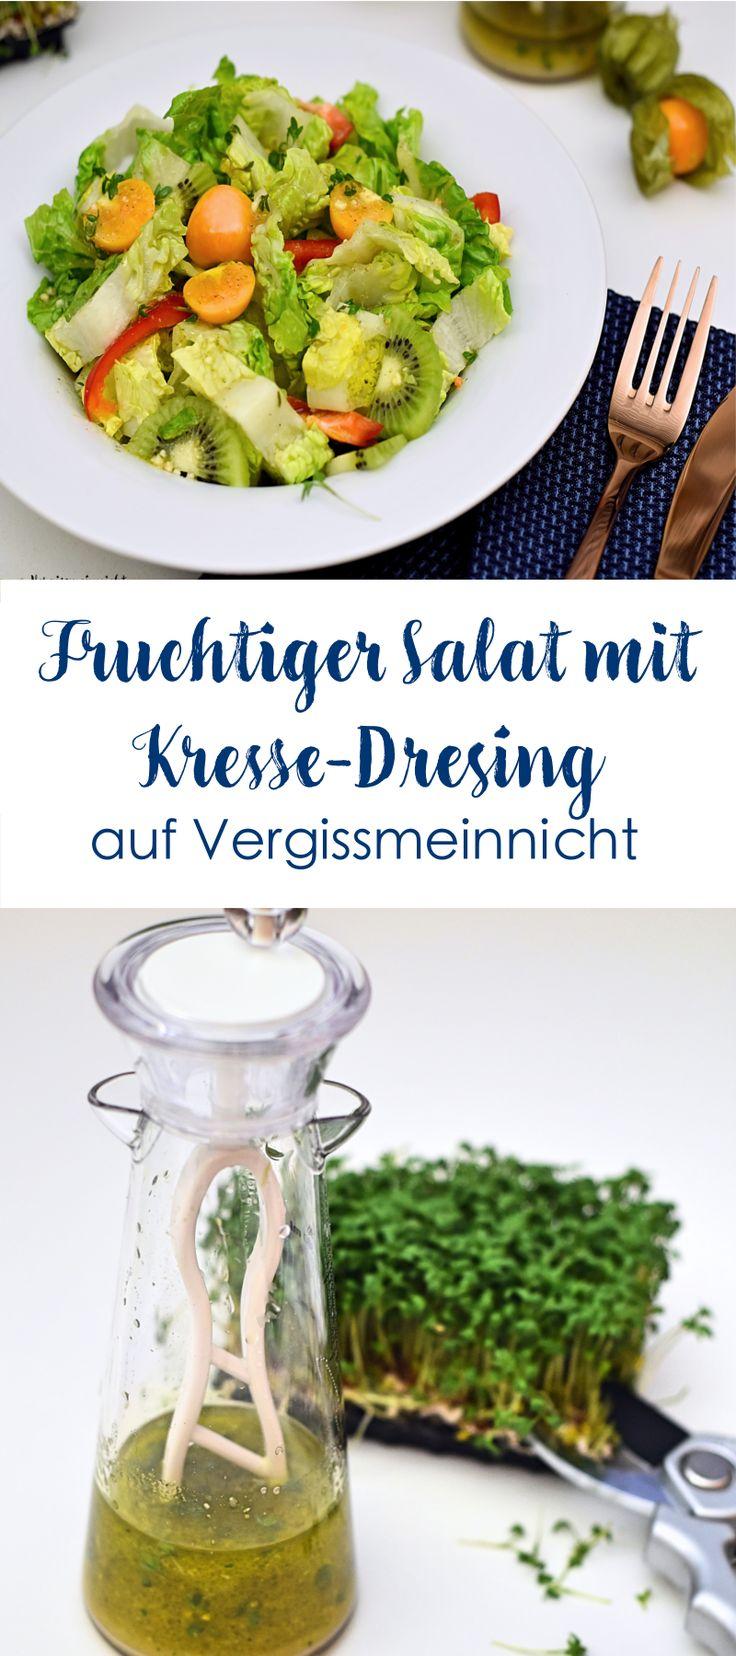 Leckeren fruchtigen Salat mit einem Kresse Dressing. Außerdem eine Anleitung für die Aufzucht von frischer Kresse.